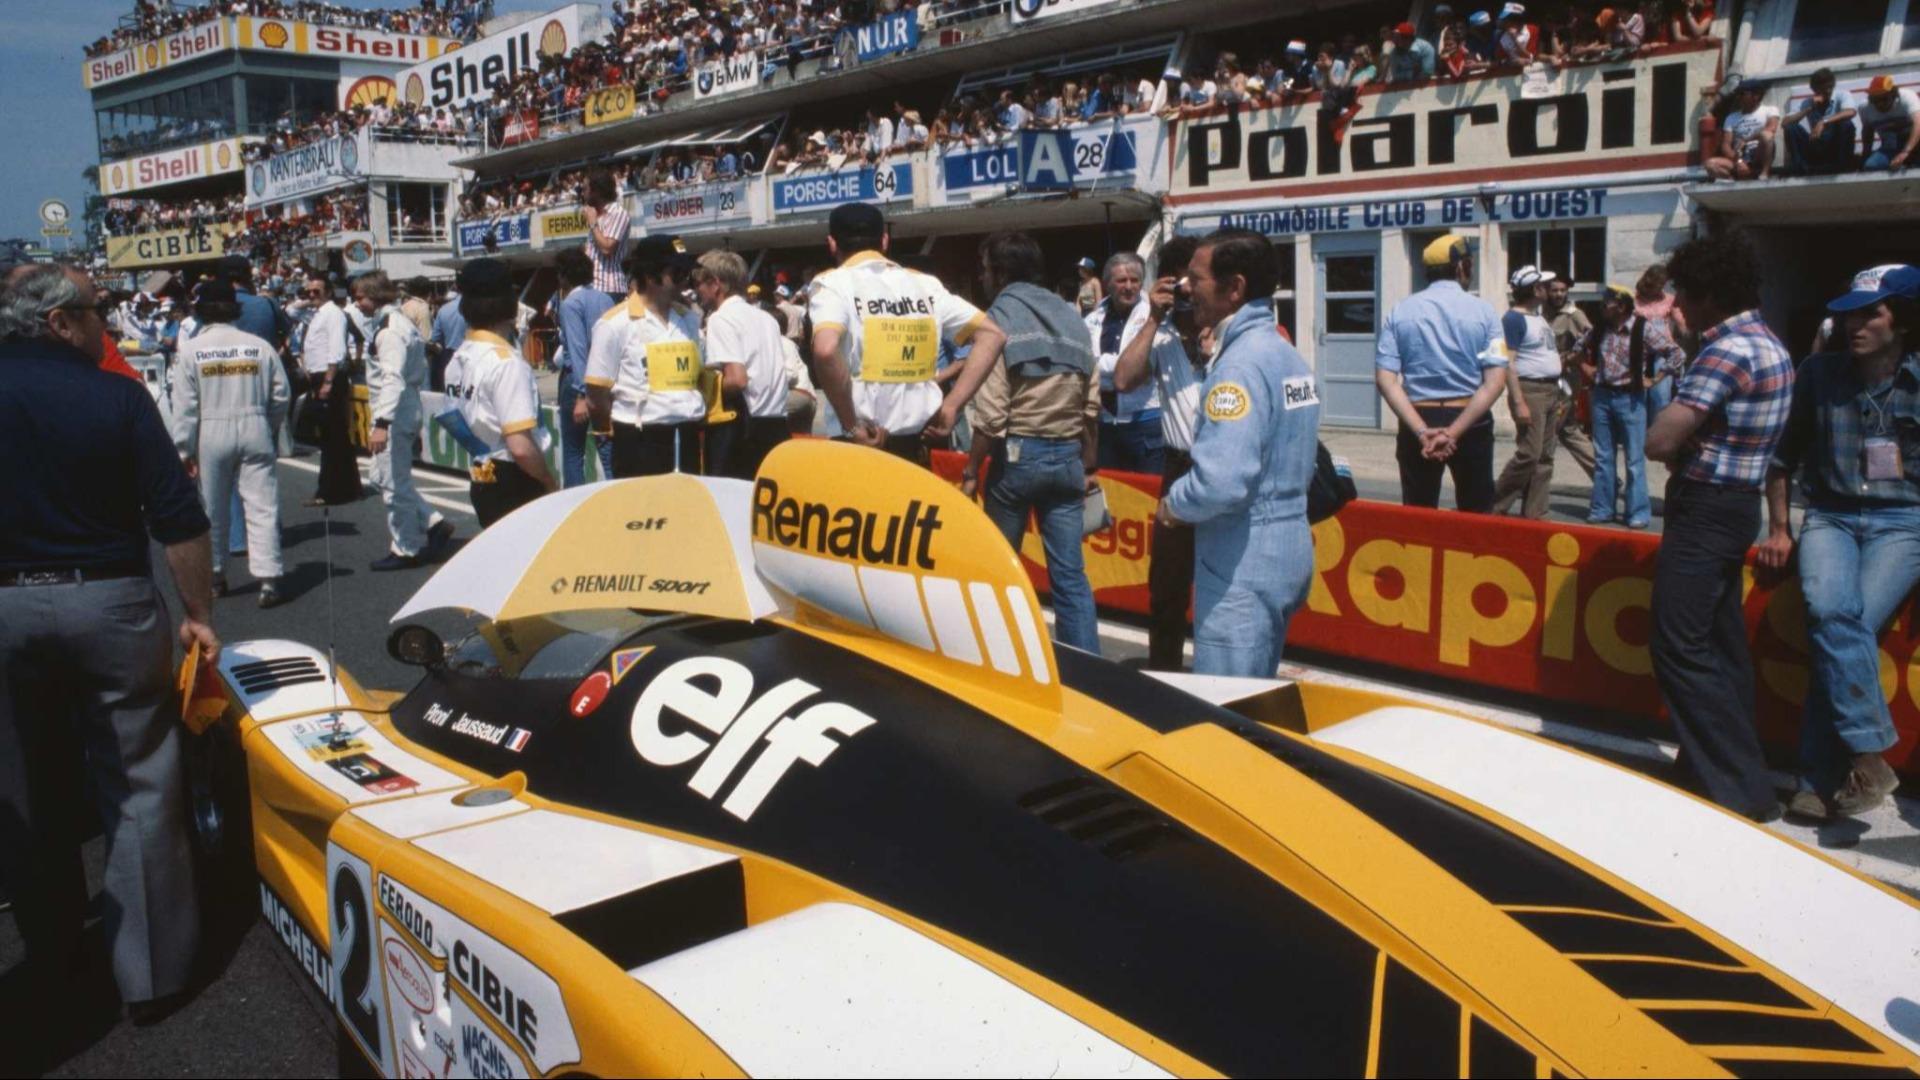 Det nærmer seg start for 24-timers løpet på Le Mans i 1978. #2 ble tilslutt vinnerbilen.